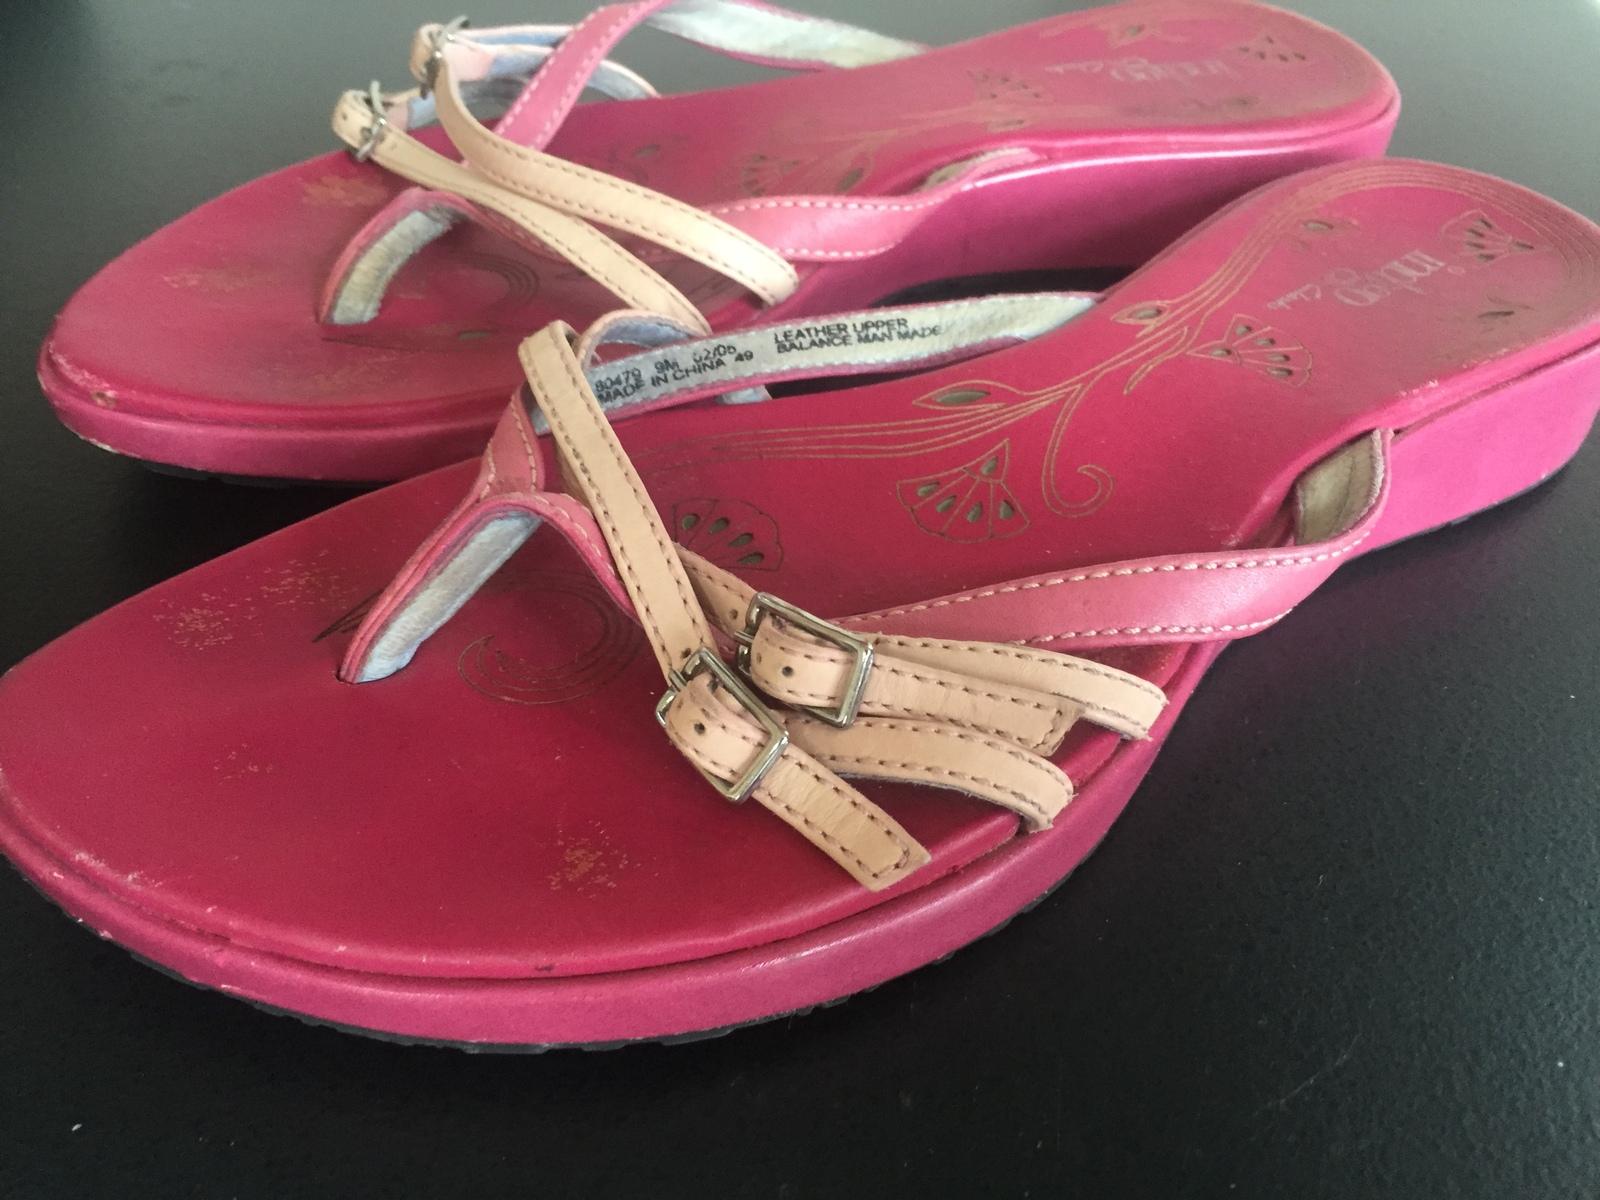 Clarks Indigo Pink Leather Flip Flop Thong Like Sandals Size 9 - Sandals  Flip Flops-1118